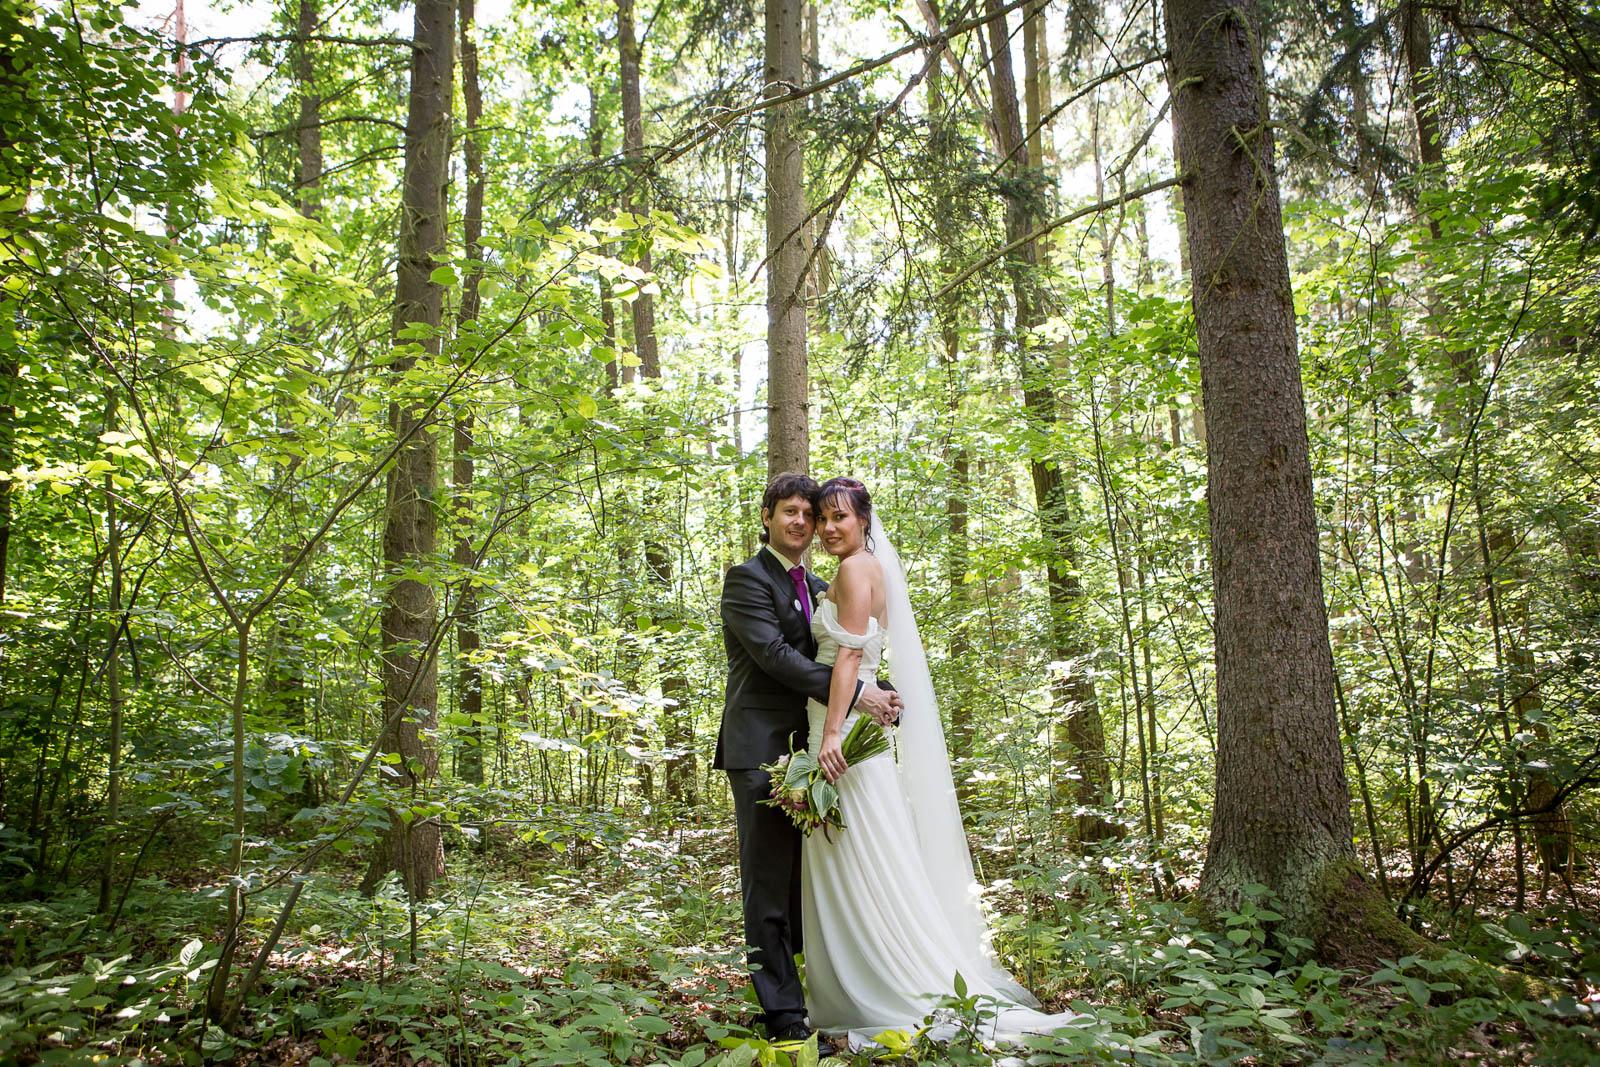 Svatební-fotografie-Mirka-a-Petr-svatební-fotograf- svatebni-kameraman-studio-Beautyfoto-Jižní-Čechy-Zvíkov-Orlík-svatební-videobeautyfoto-70